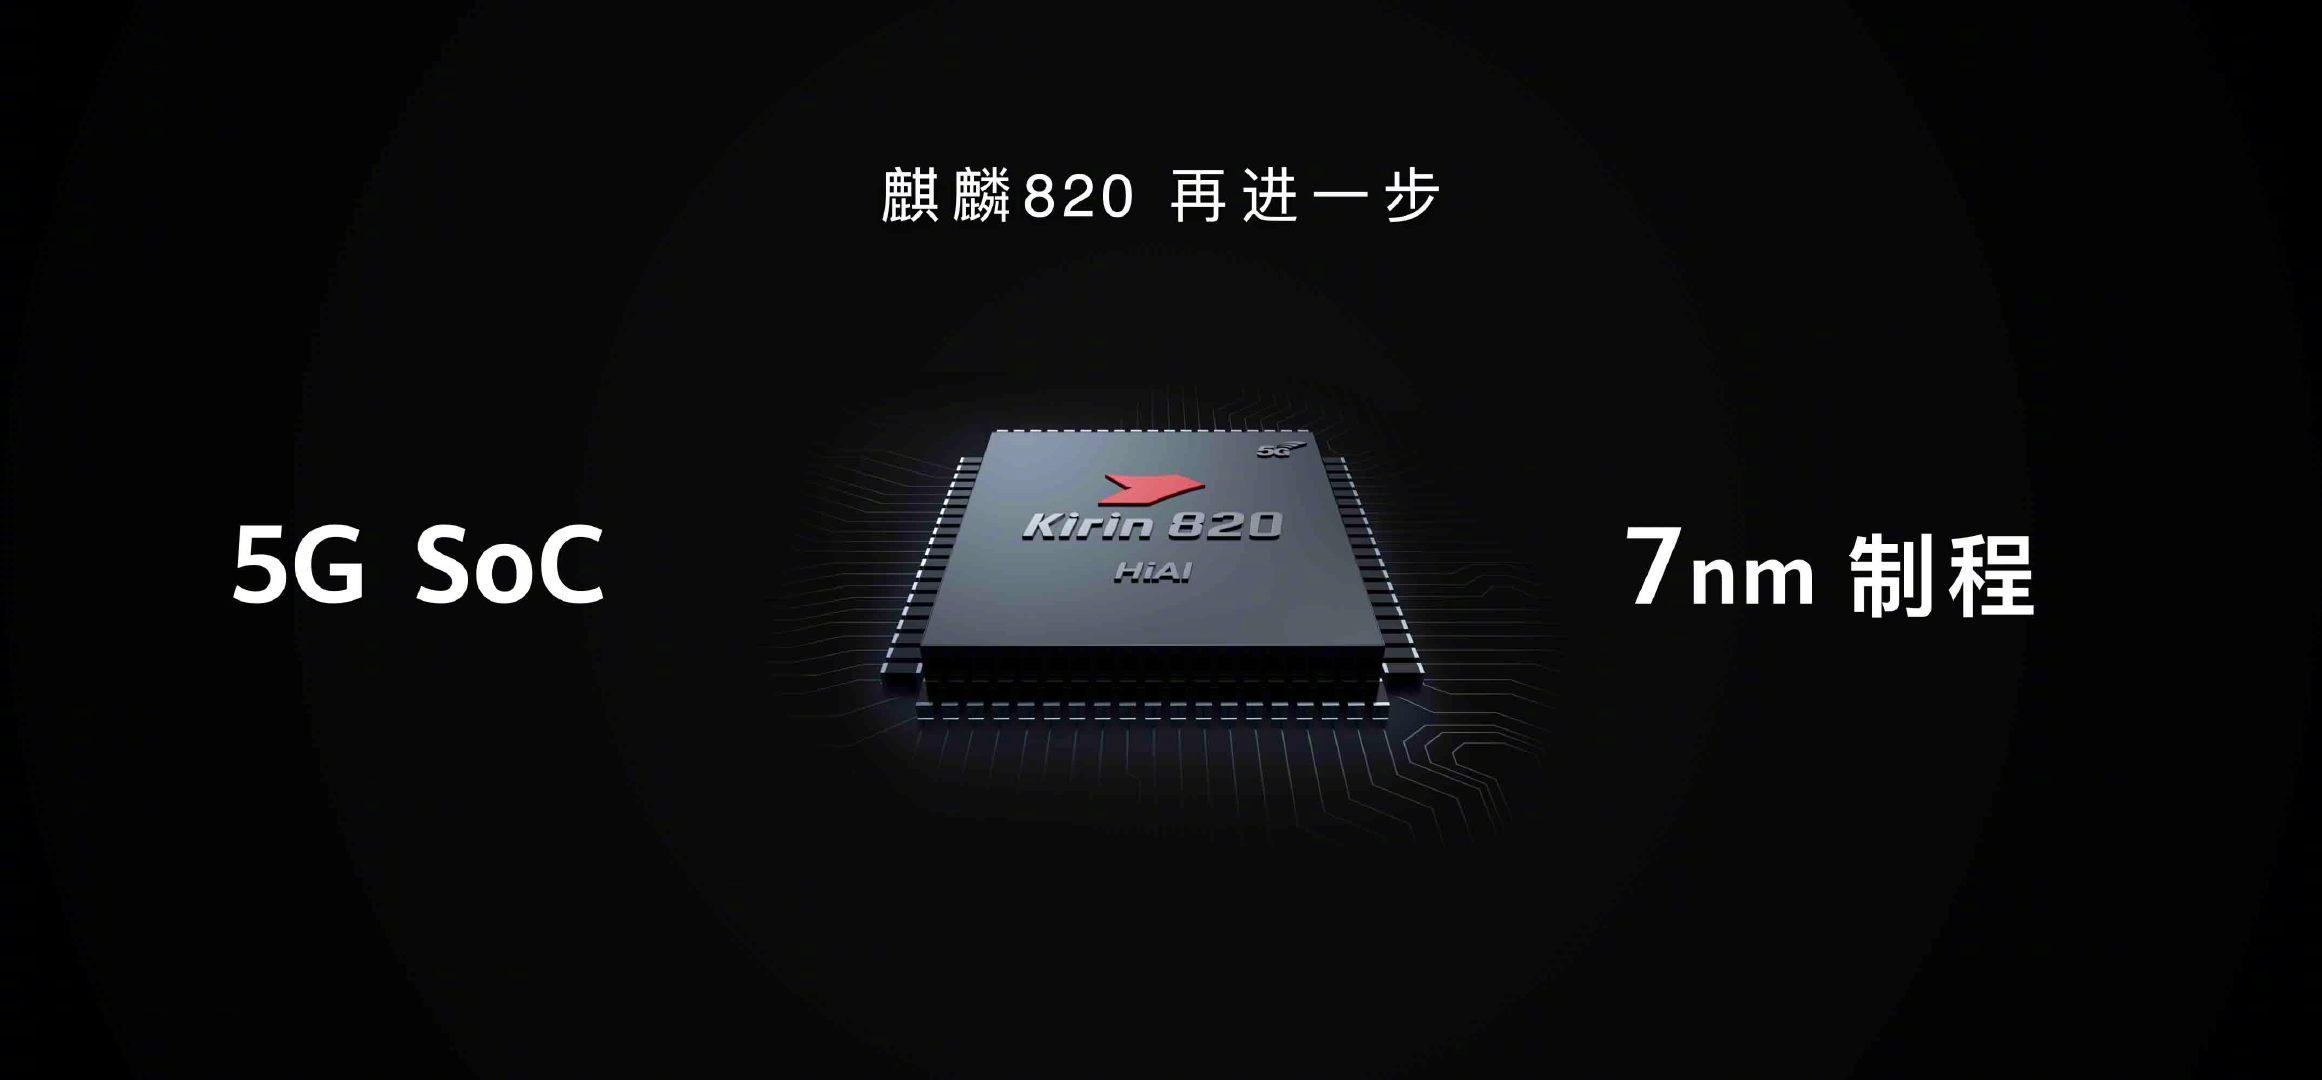 Huawei nova 7 SE 定 6 月 19 日 RM1499 发售,入手还有机会赢取 Proton X70 轿车! 2